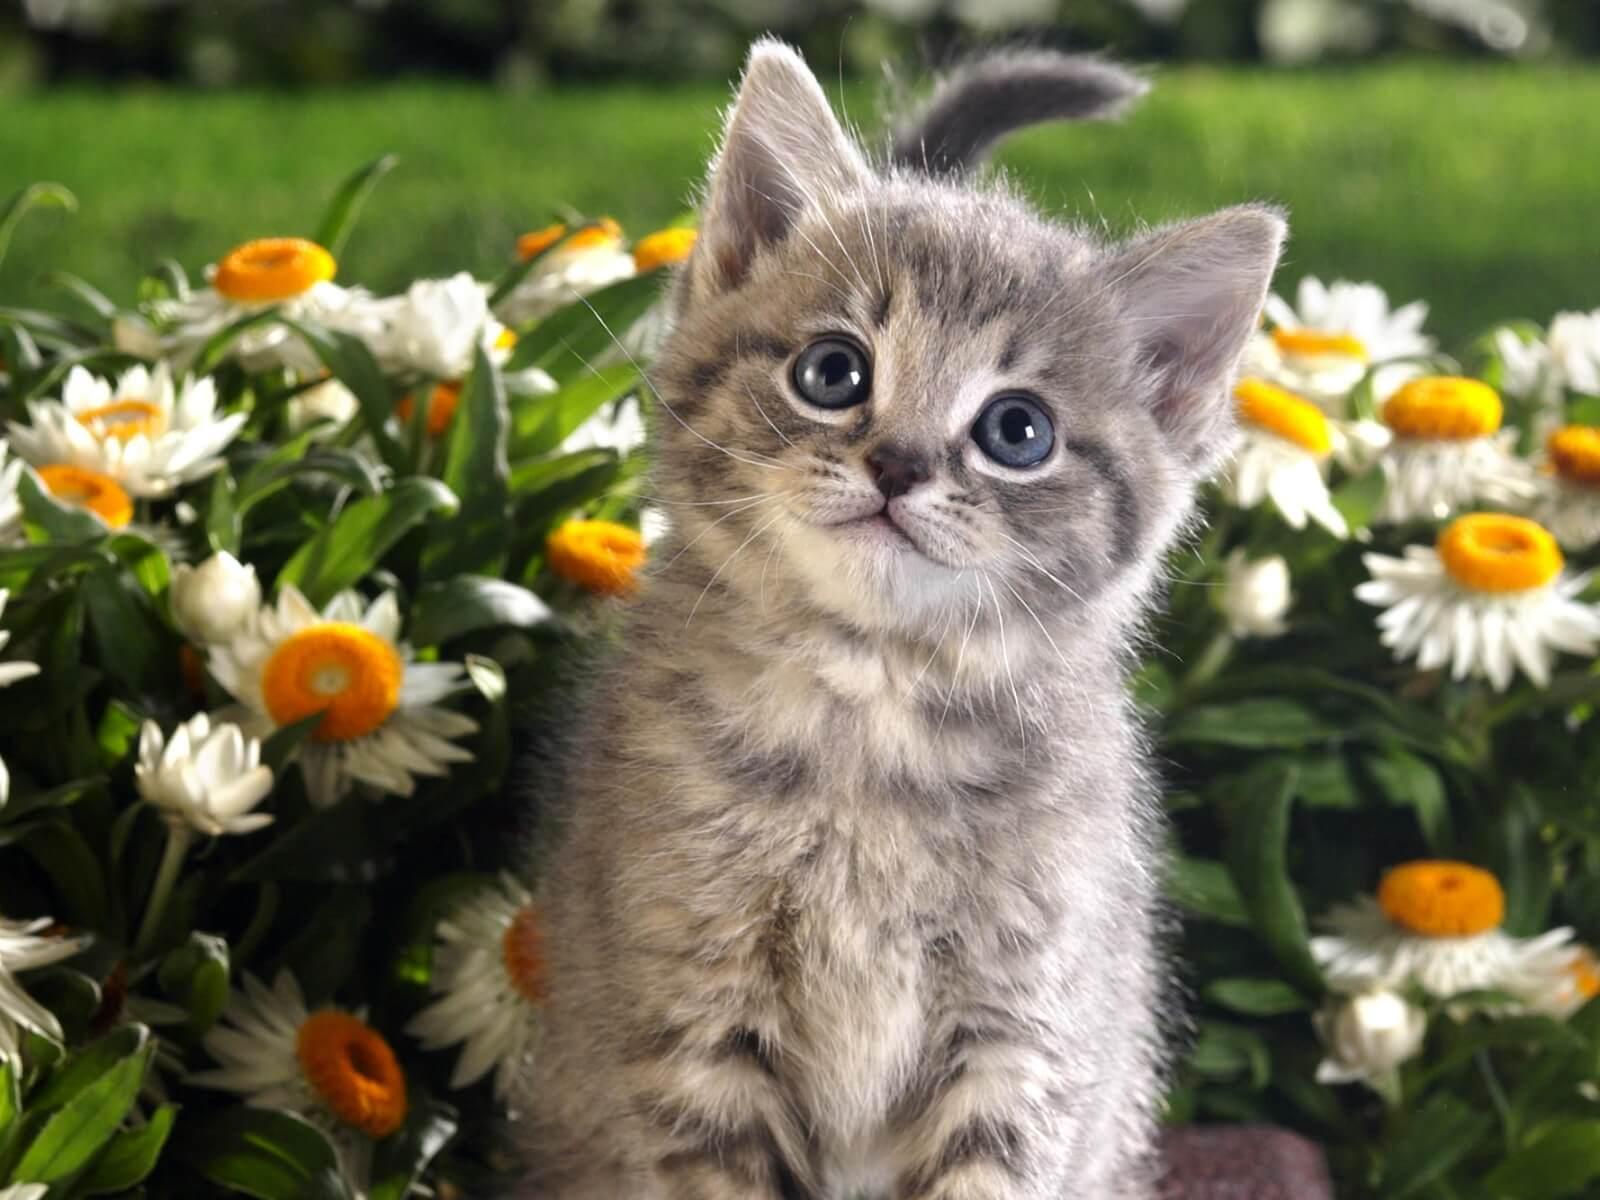 Подборка милых котов и кошек в картинках 13